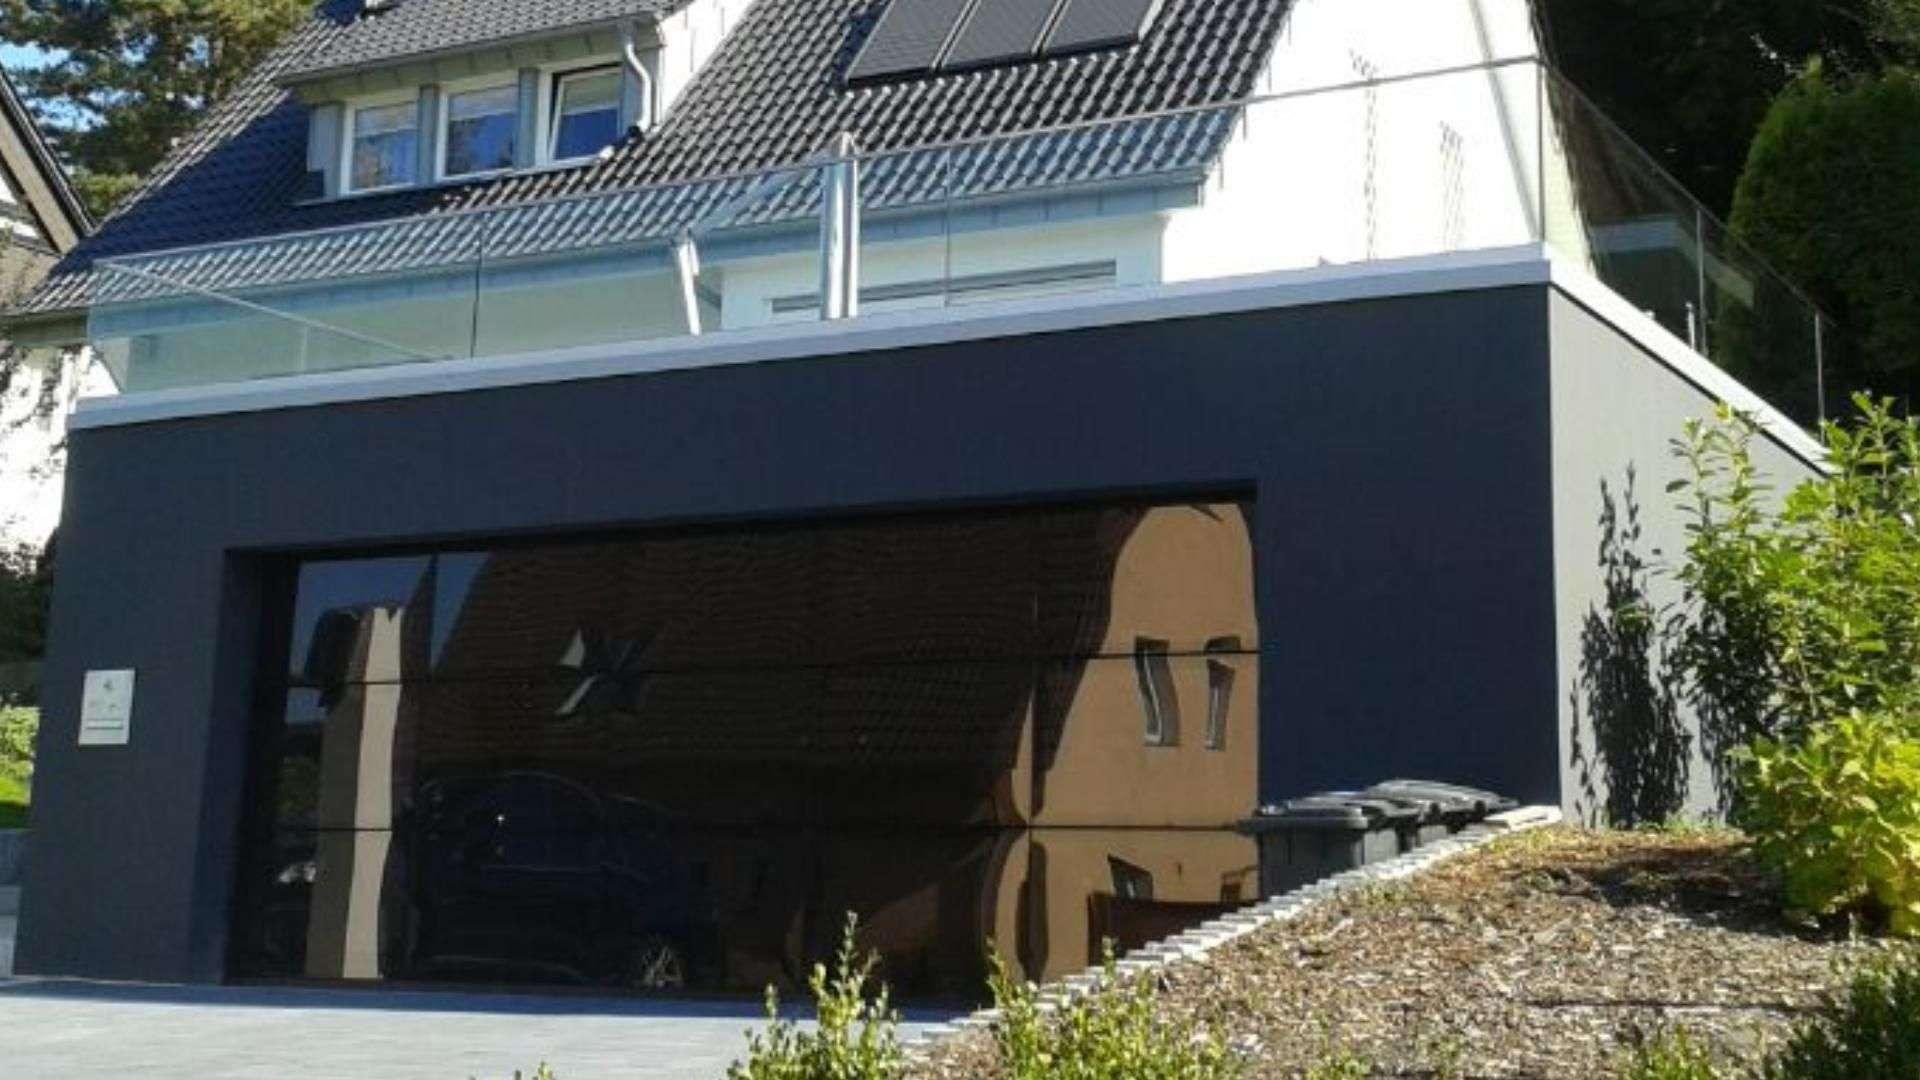 Terrasse mit Glas-Geländer auf einer Garage